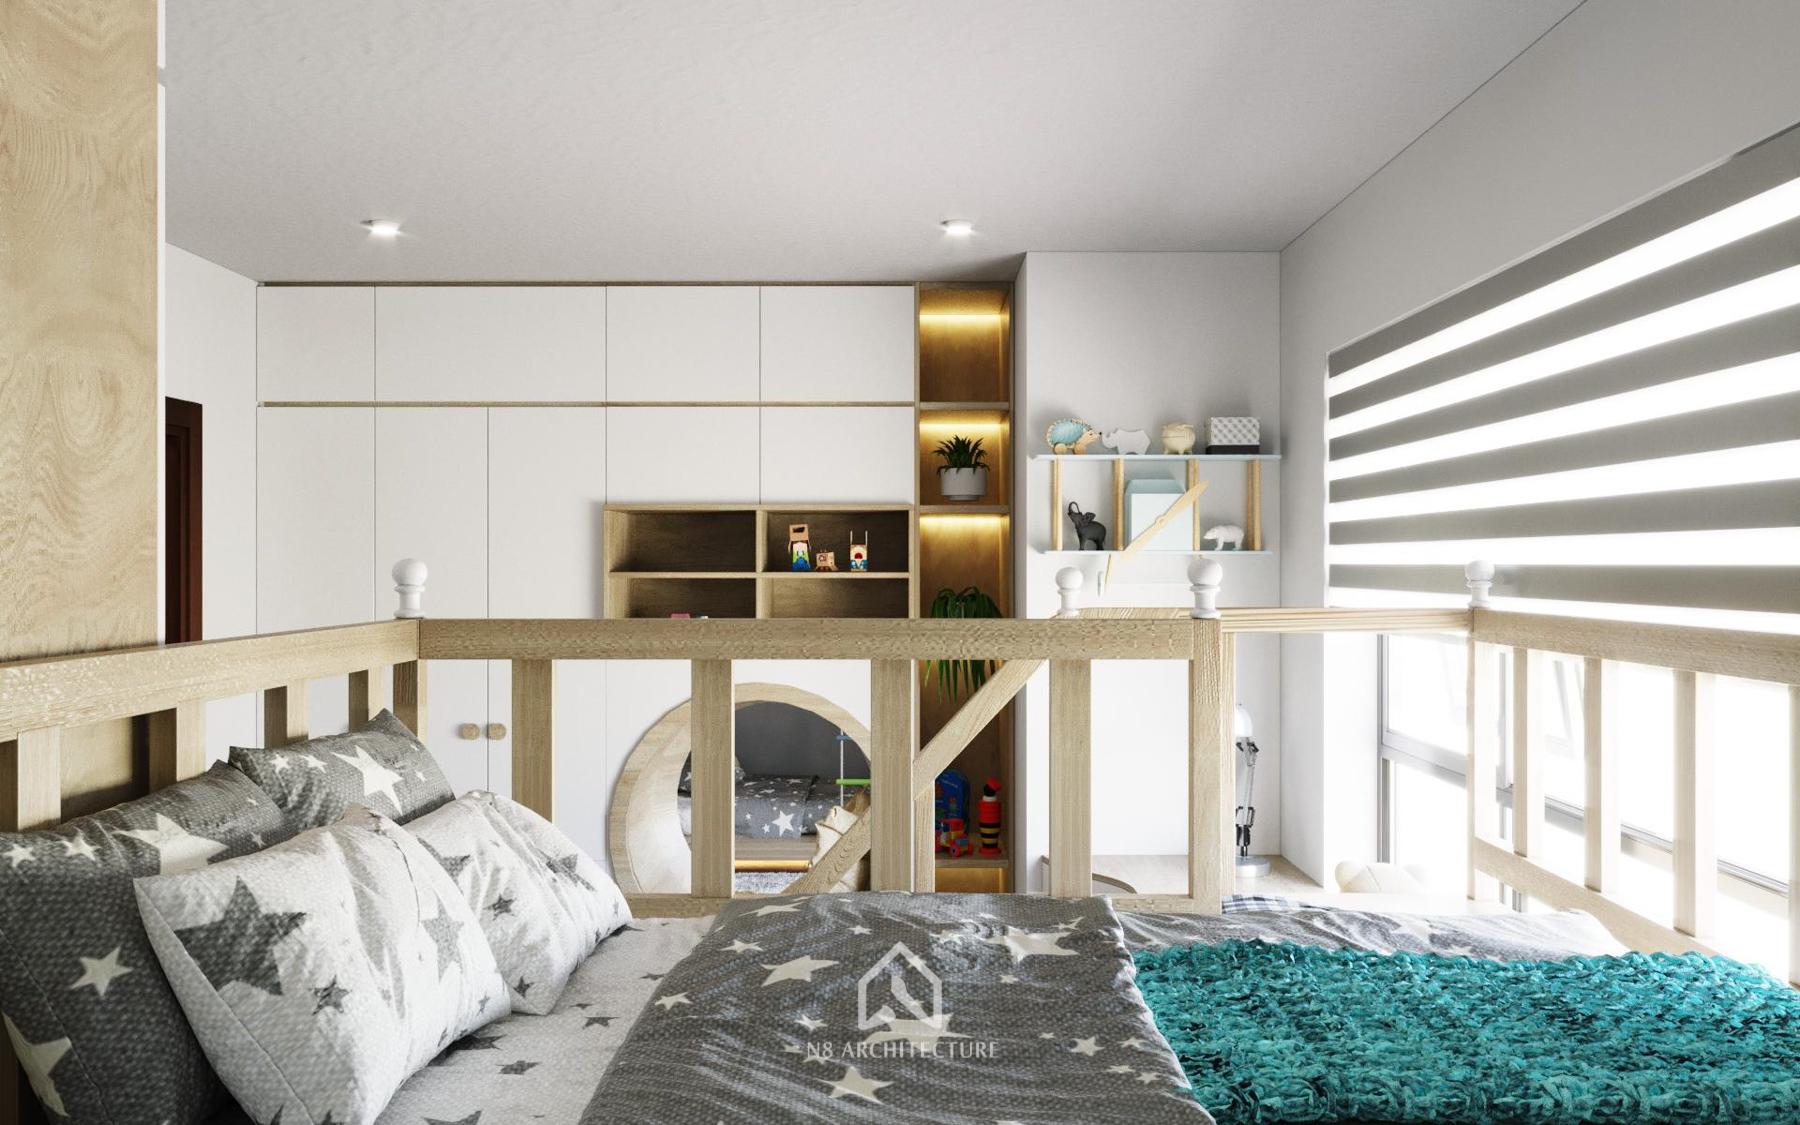 thiết kế nội thất phòng ngủ time city 5